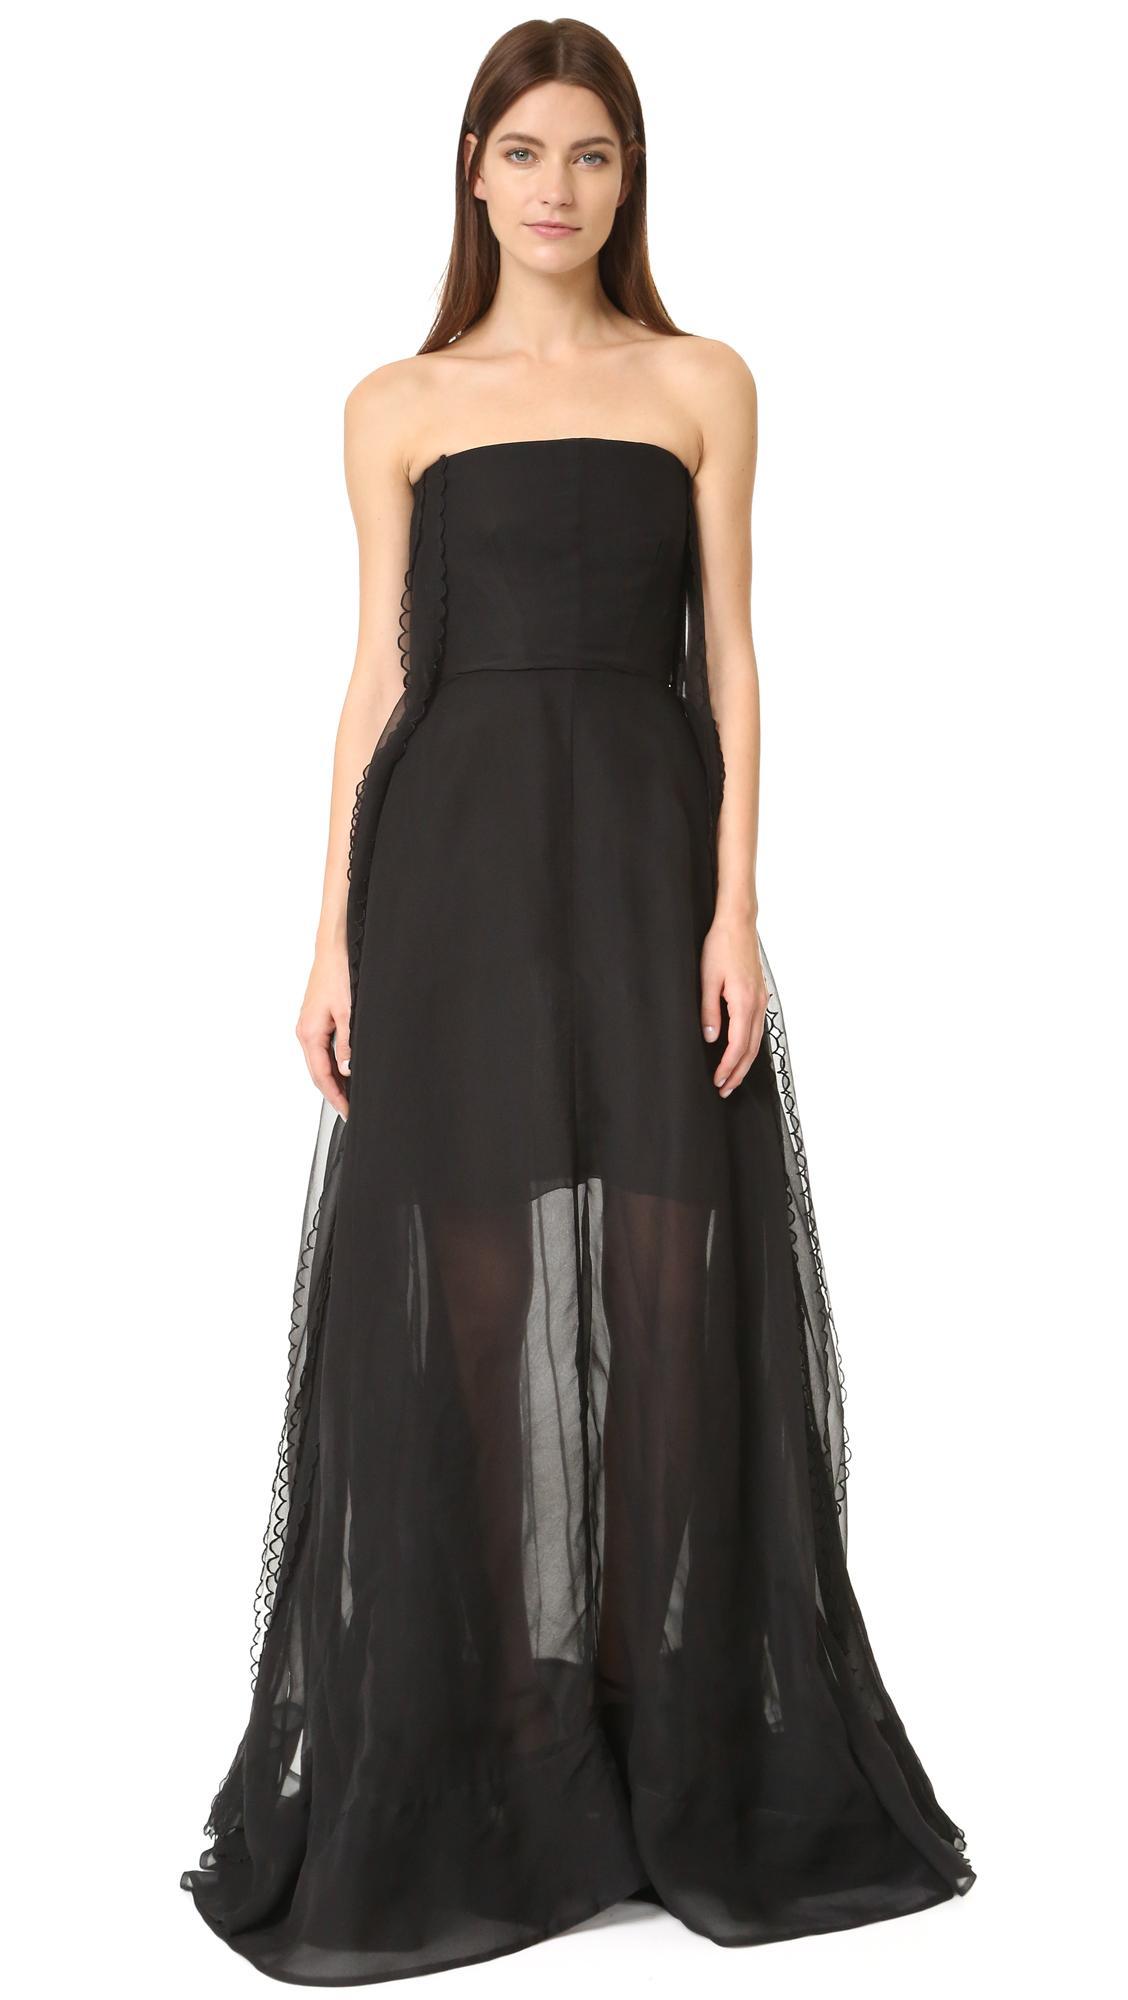 Lyst - Rochas Strapless Gown in Black